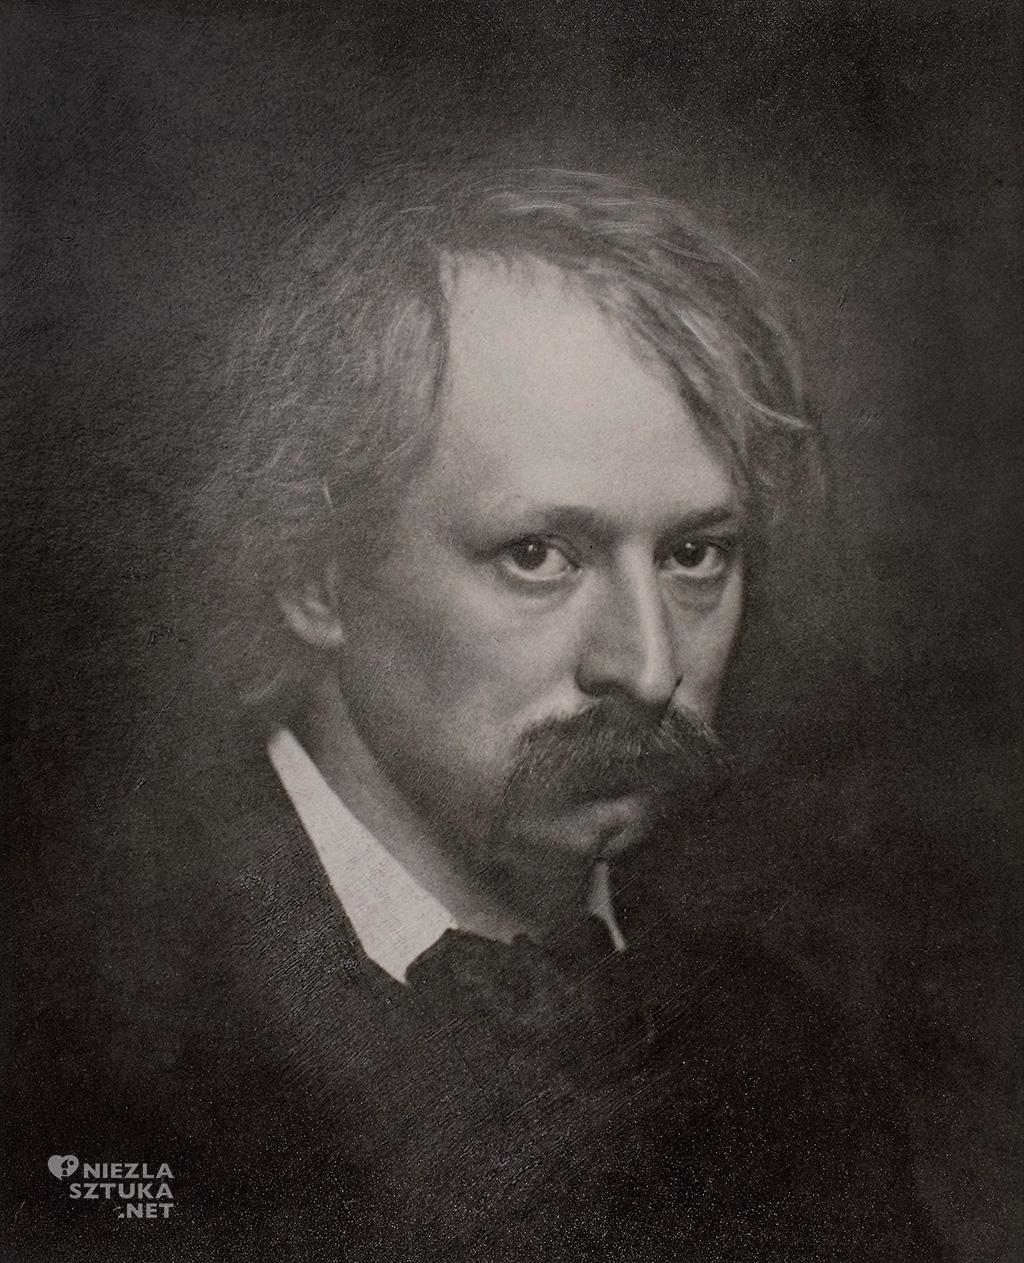 Xawery Dunikowski, 1906, fot. nieznany, Muzeum Narodowe w Warszawie